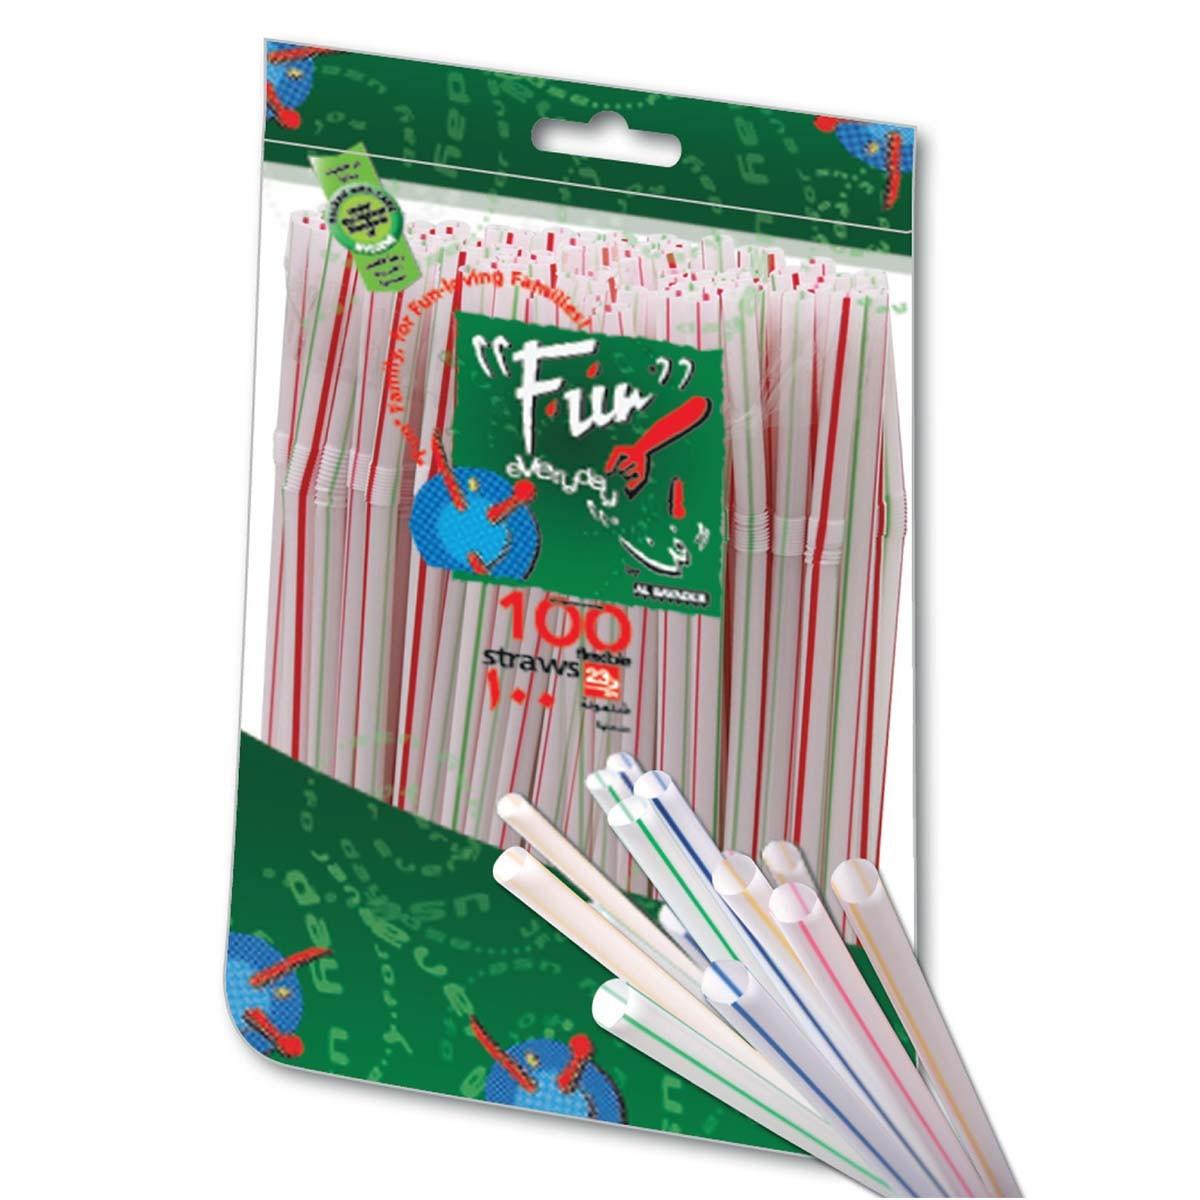 Fun® Flexible Straw ⌀5x230mm - White/Striped | 100pcsx100pkts